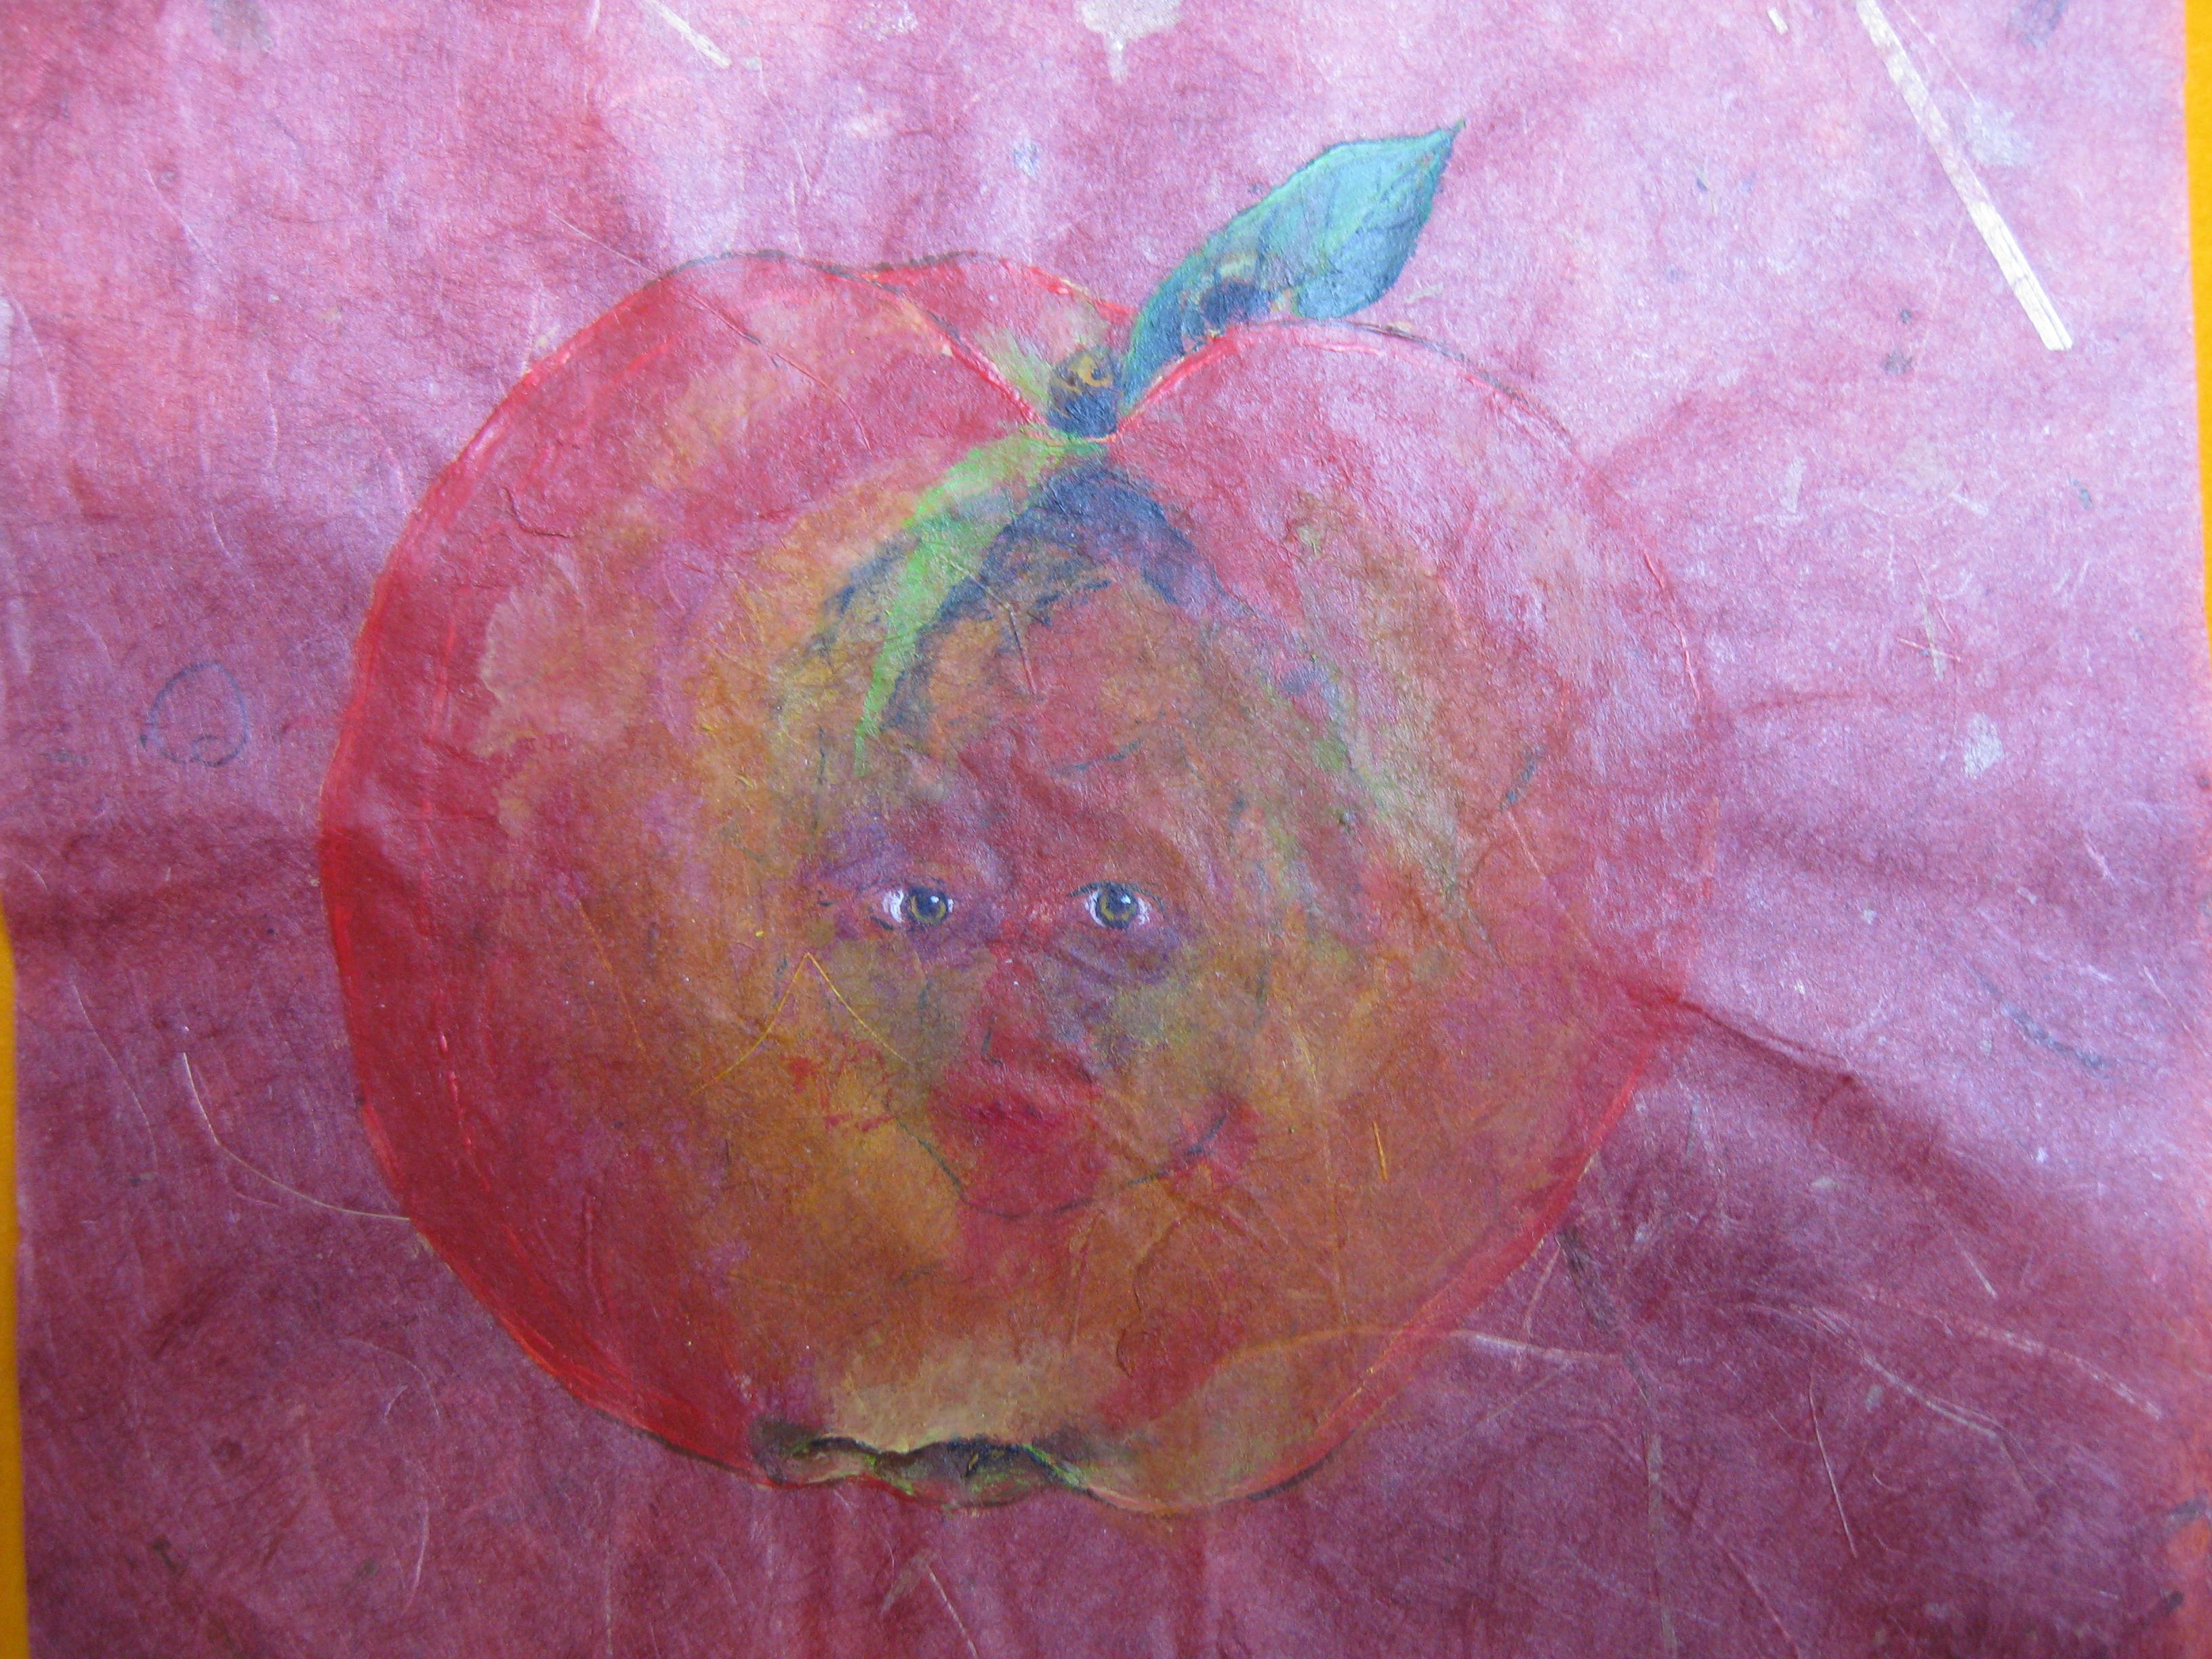 Apfel?